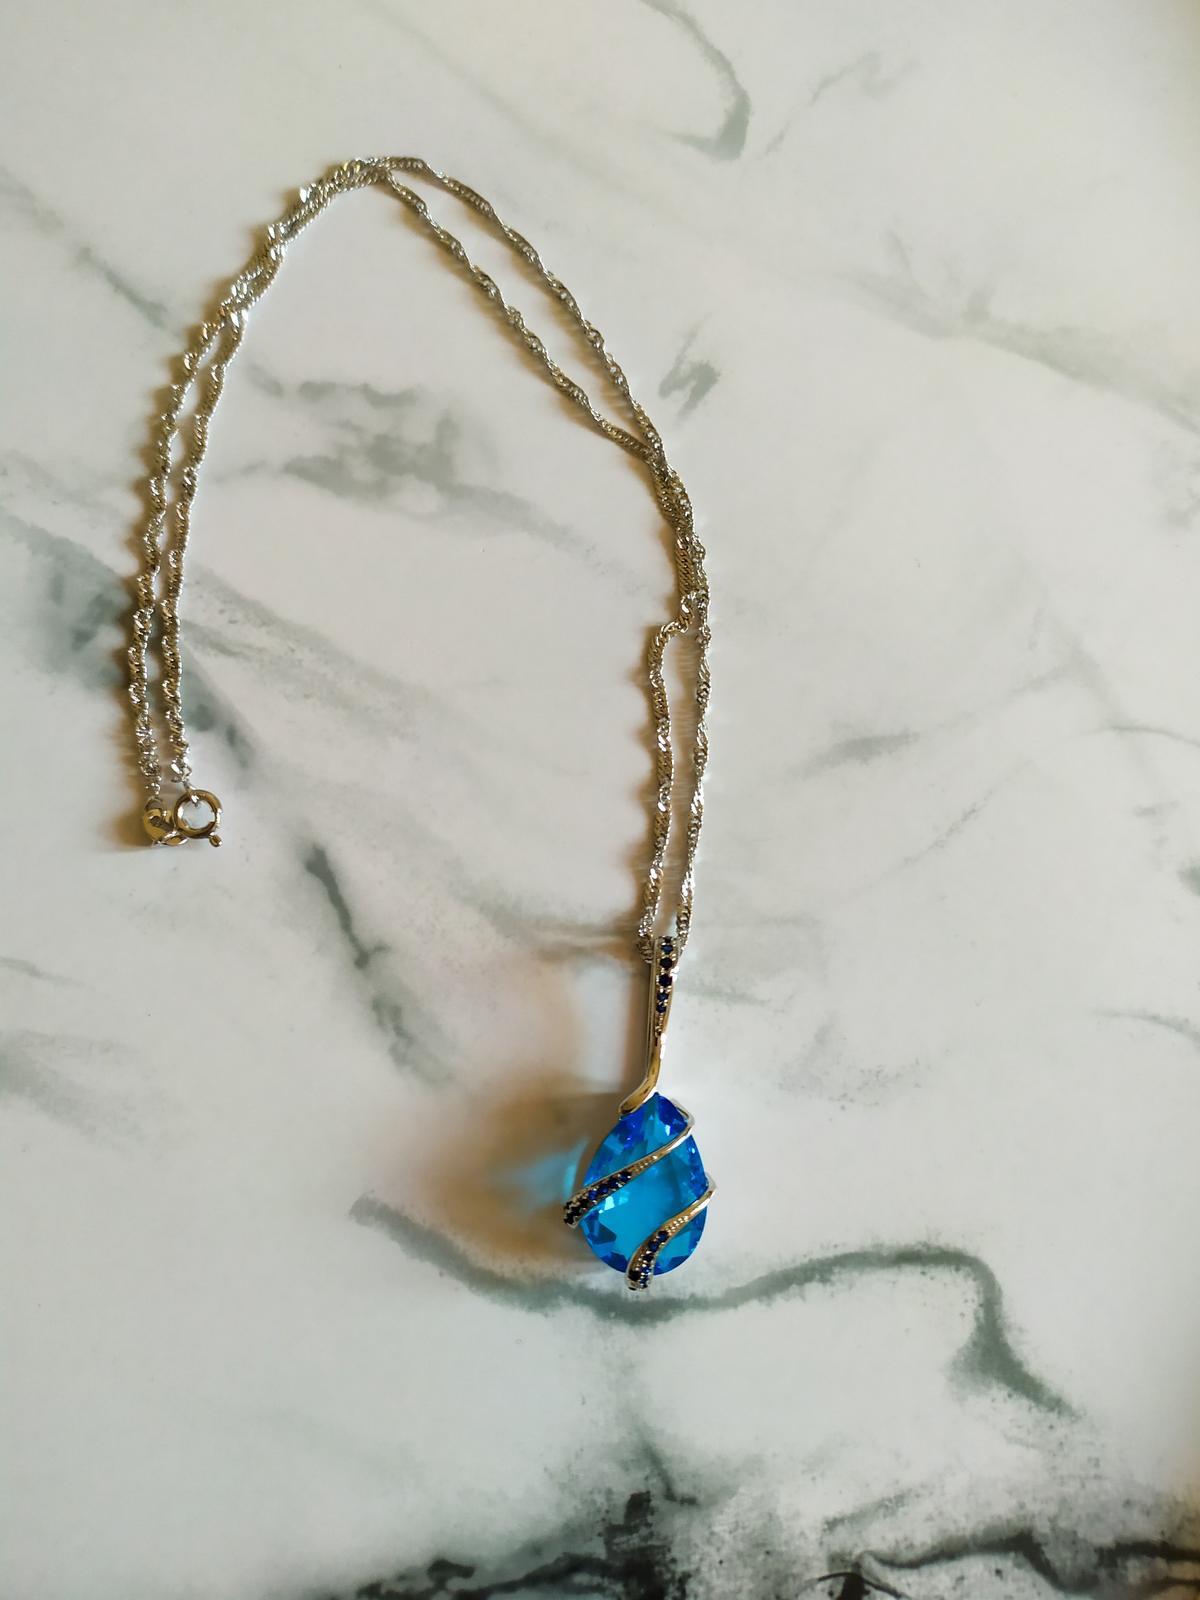 Řetízek s modrým přívěskem a stříbrnými detaily - Obrázek č. 2